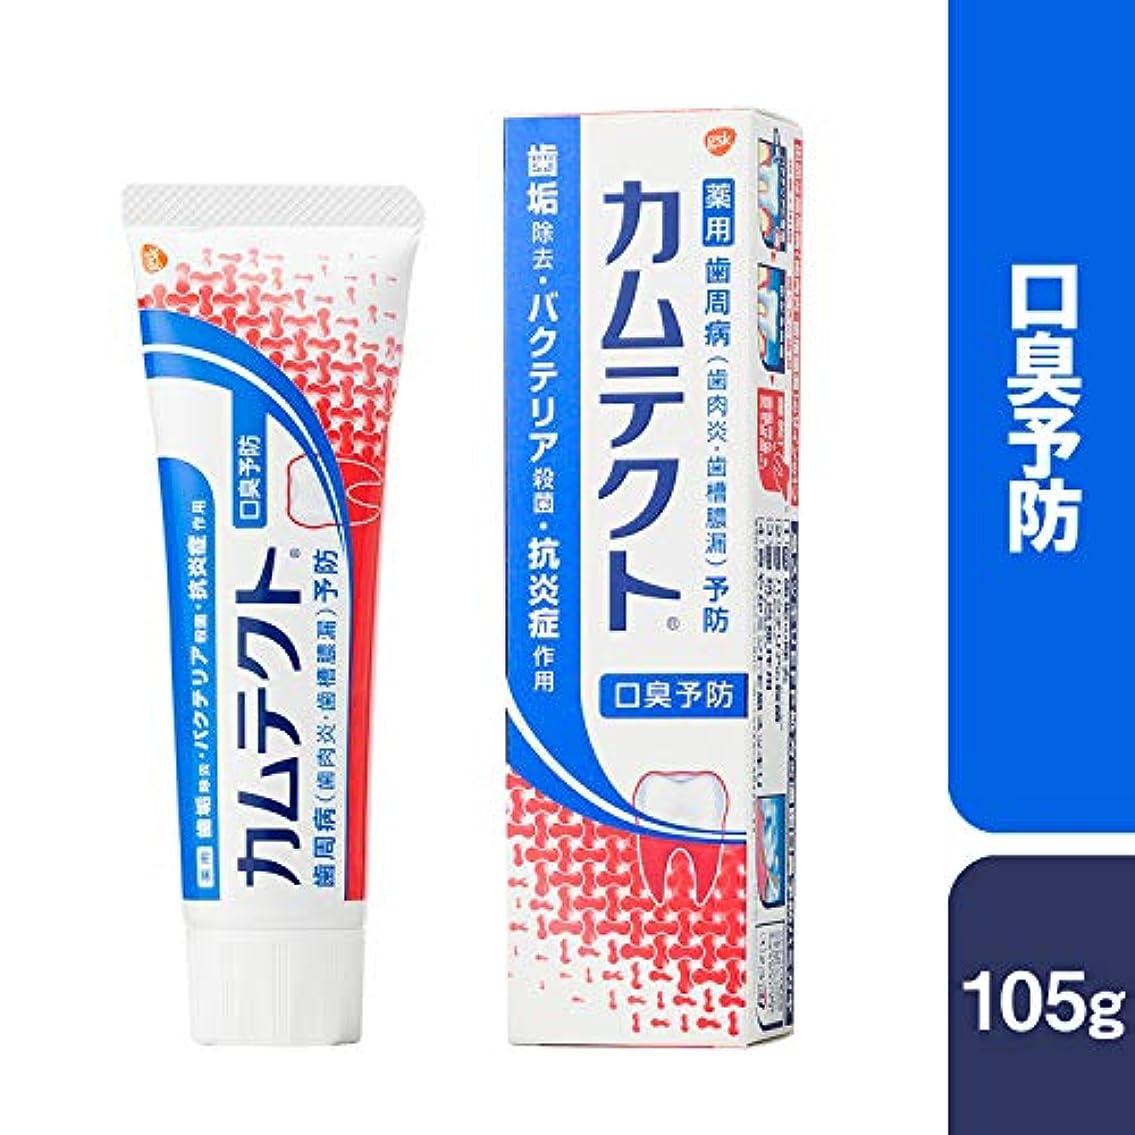 マニア弱点爆風[医薬部外品]カムテクト 口臭予防 歯周病(歯肉炎?歯槽膿漏) 予防 歯みがき粉 105g